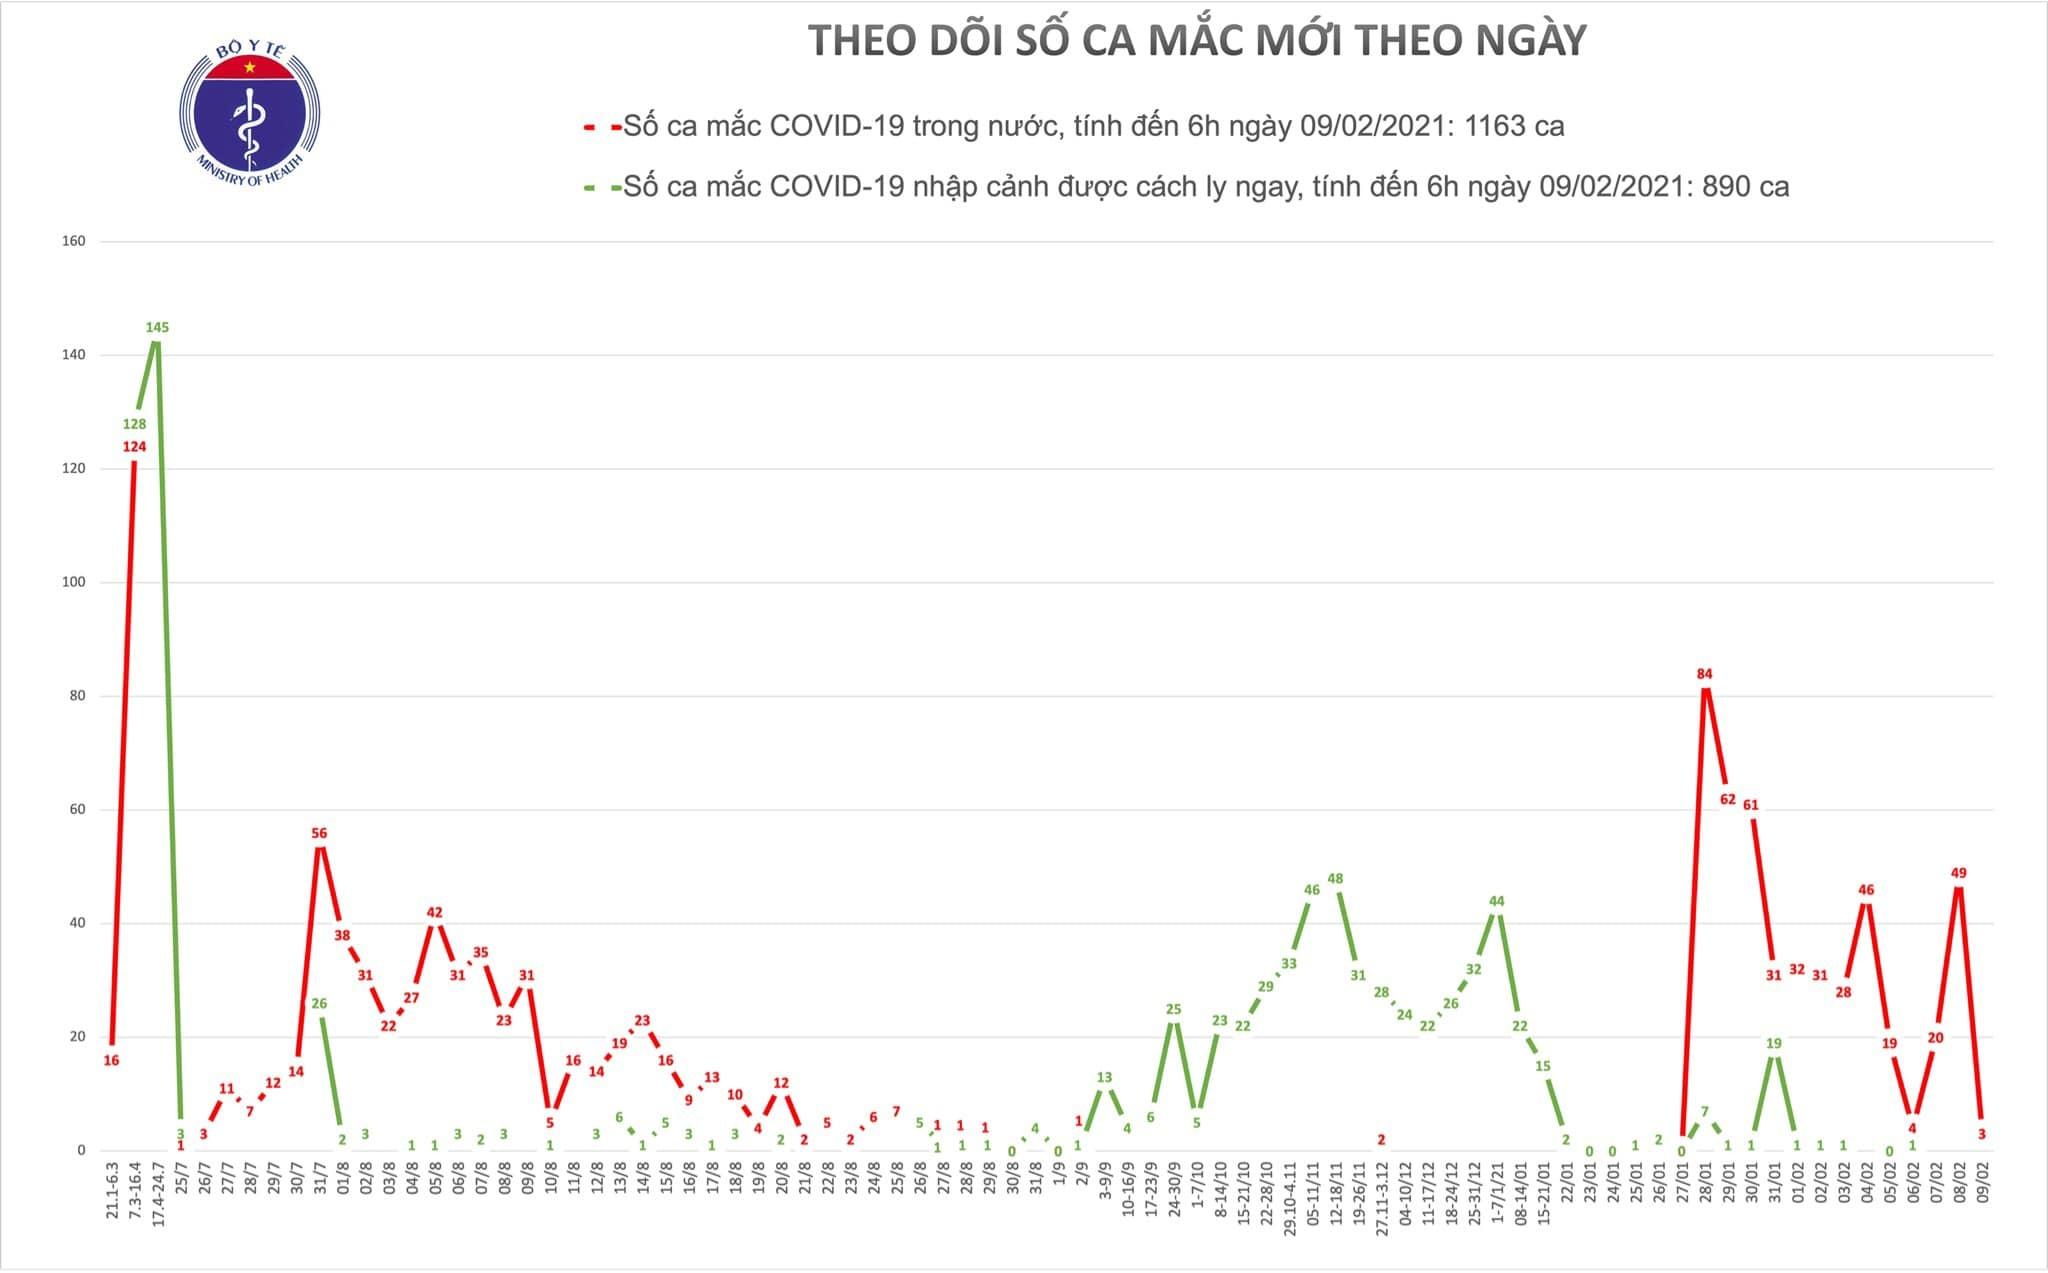 Thêm 3 ca mắc Covid-19 cộng đồng ở Quảng Ninh